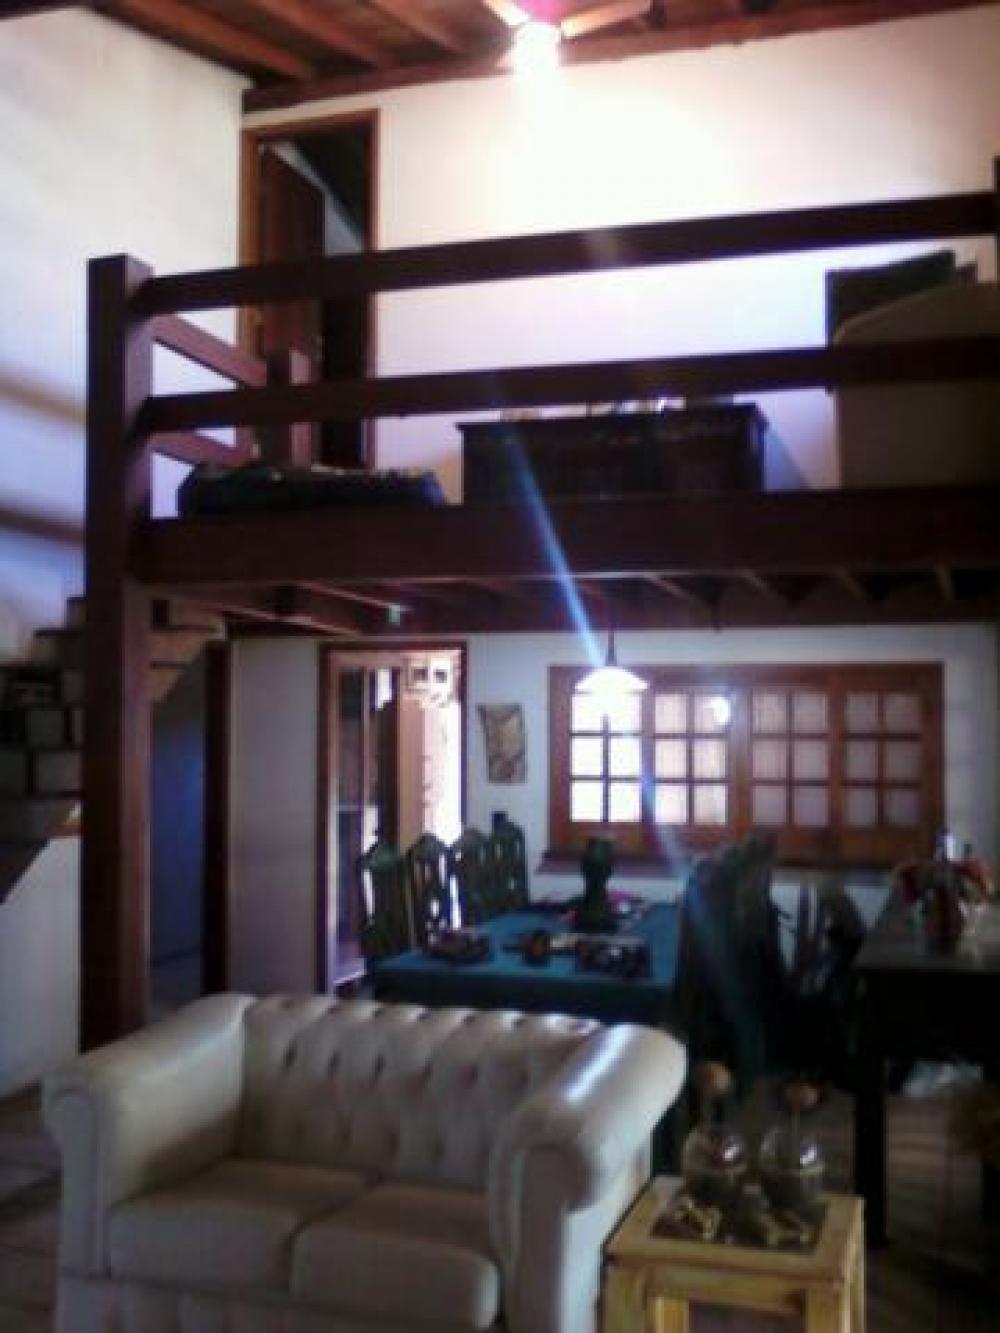 Comprar Casa / Padrão em São José do Rio Preto R$ 1.500.000,00 - Foto 5